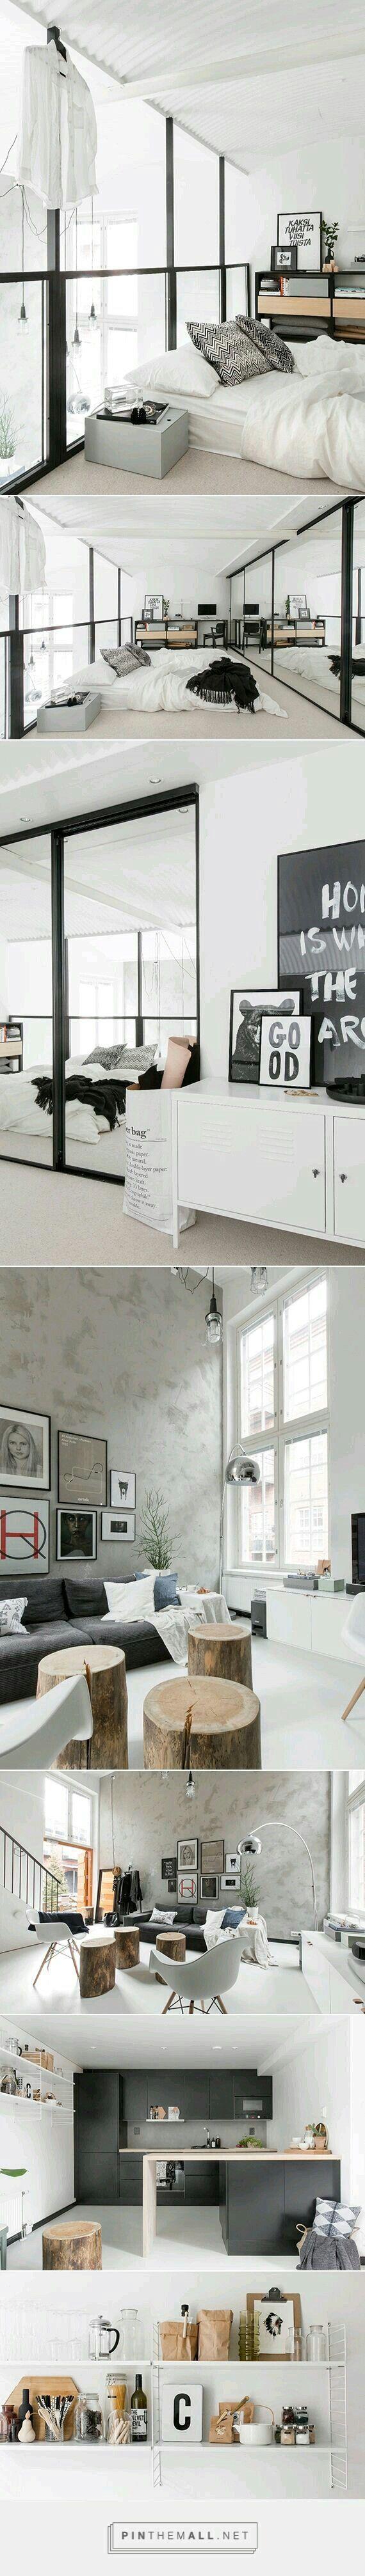 3460f79adc5ad5e4537067d2607b4010--scandinavian-loft-loft-design Meilleur De De Rallonge De Table Synonyme Schème